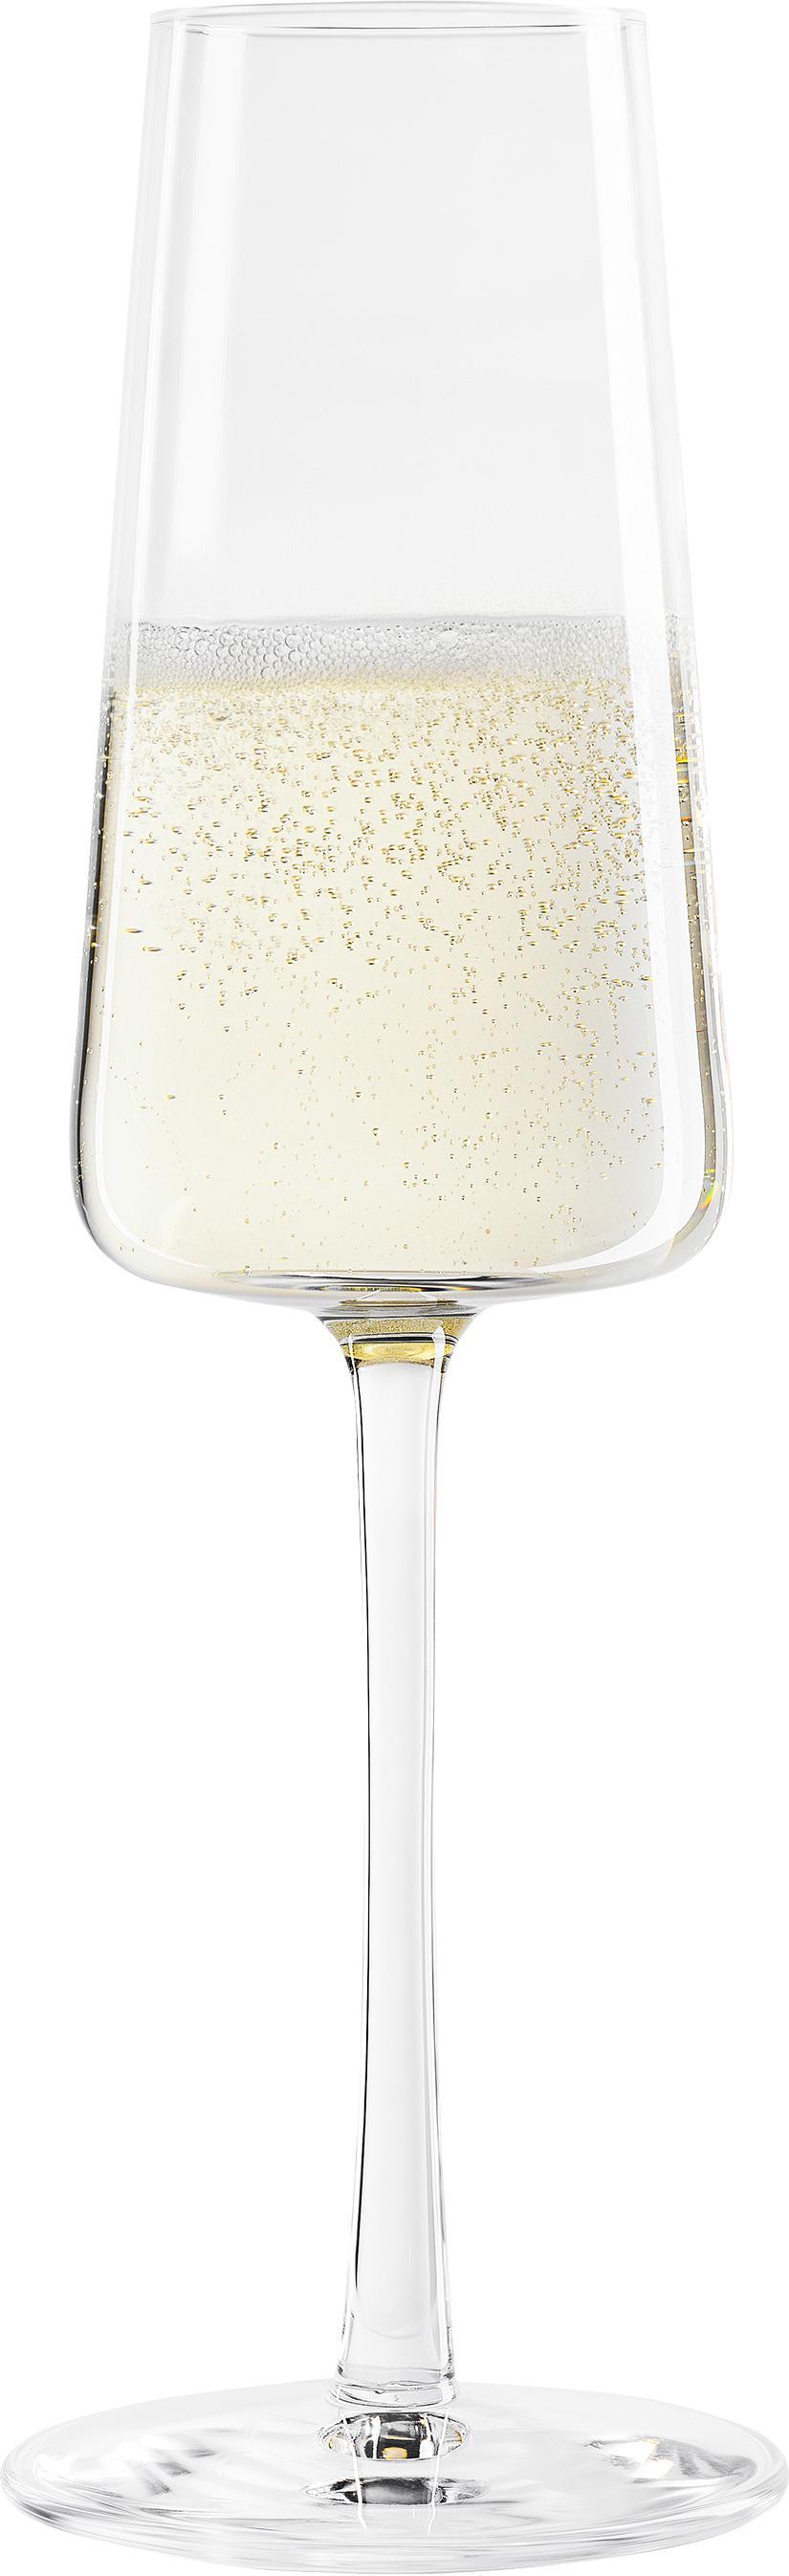 Flute champagne in cristallo Power 6 pz, Cristallo, Trasparente, Ø 7 x Alt. 23 cm